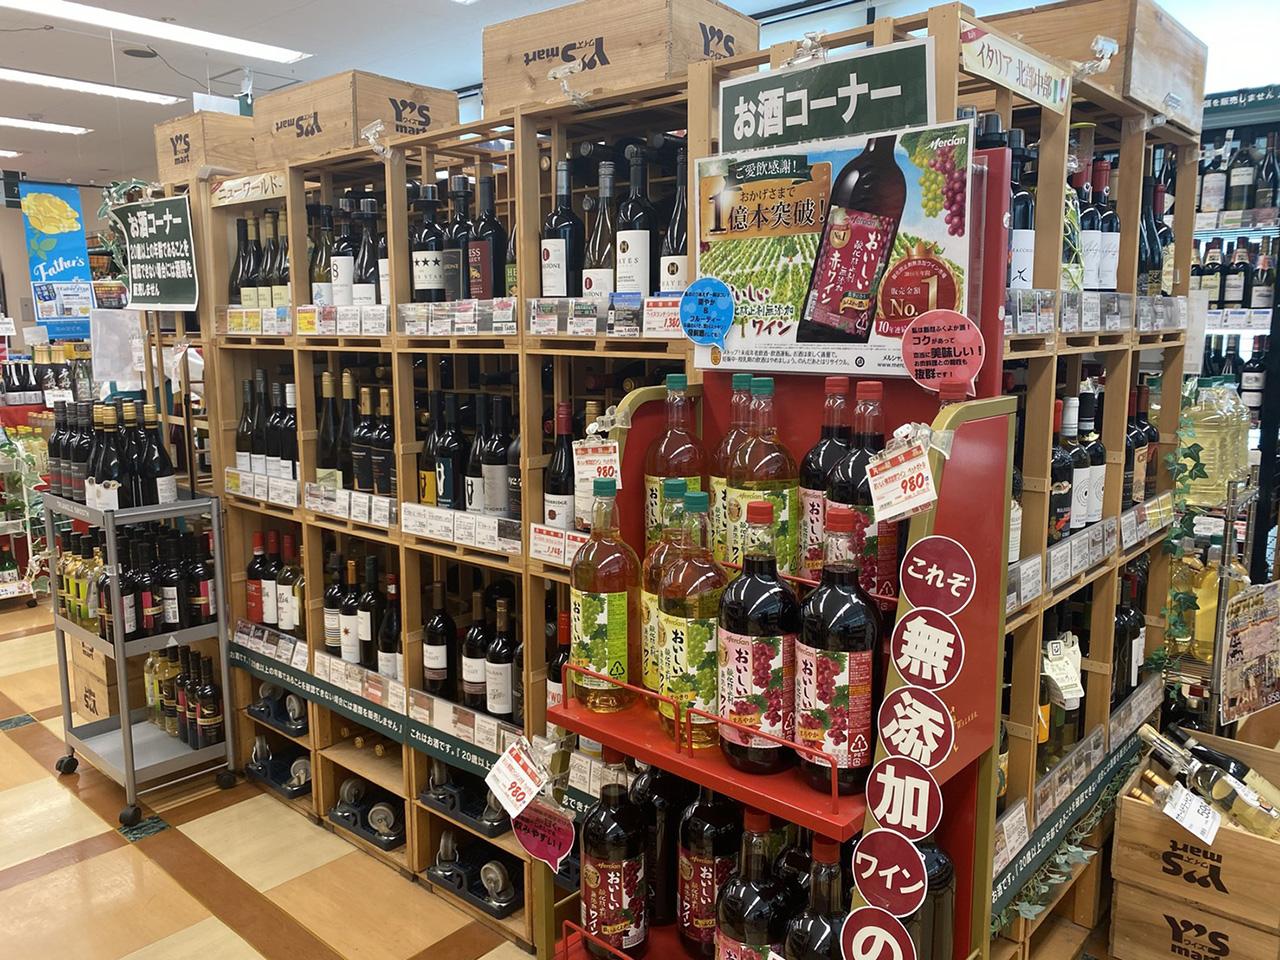 ワインが並ぶ陳列棚の写真